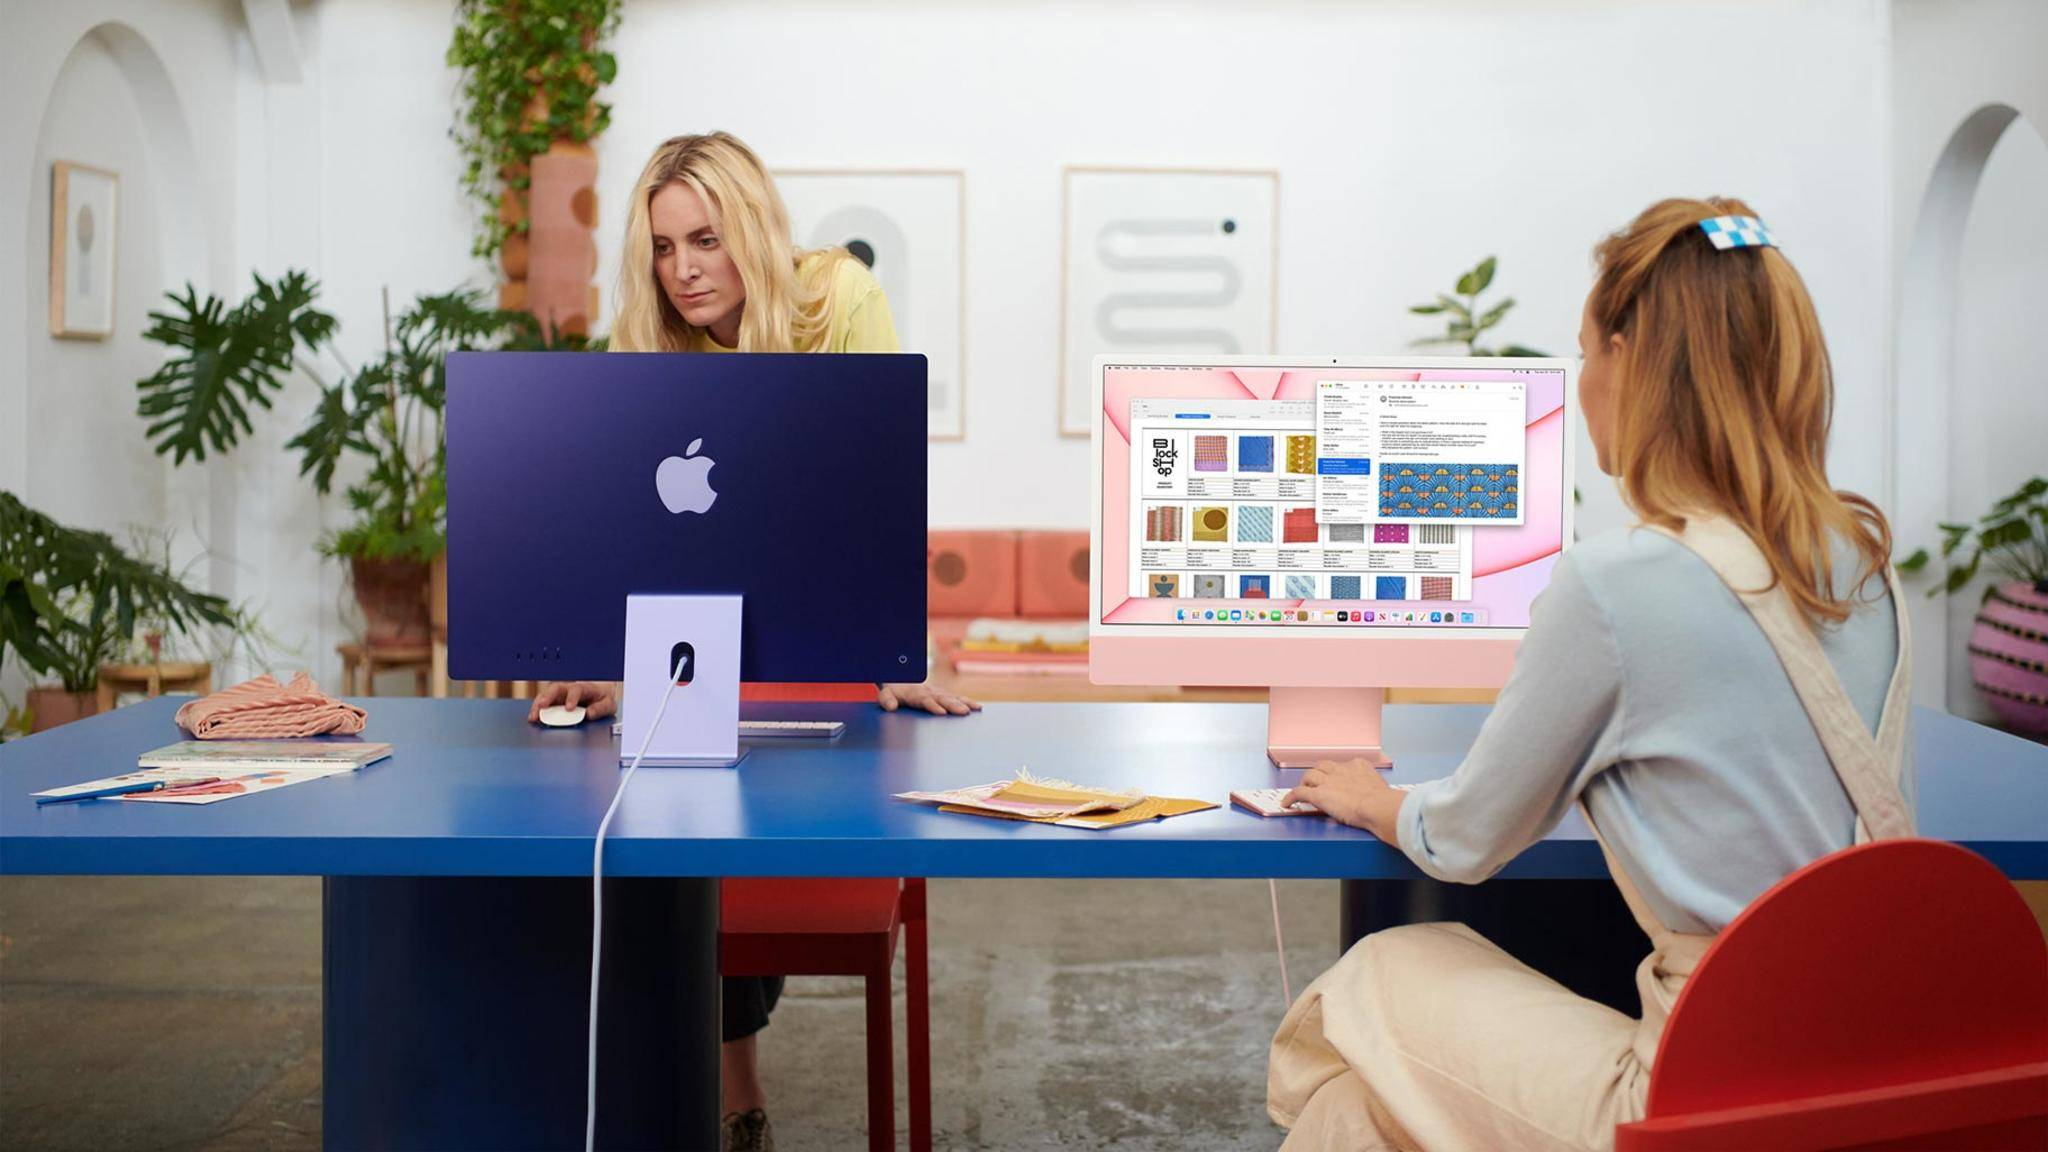 Der neue iMac 2021 ist da! Doch gibt es ausreichend Gründe für einen Kauf des neuen Computers?